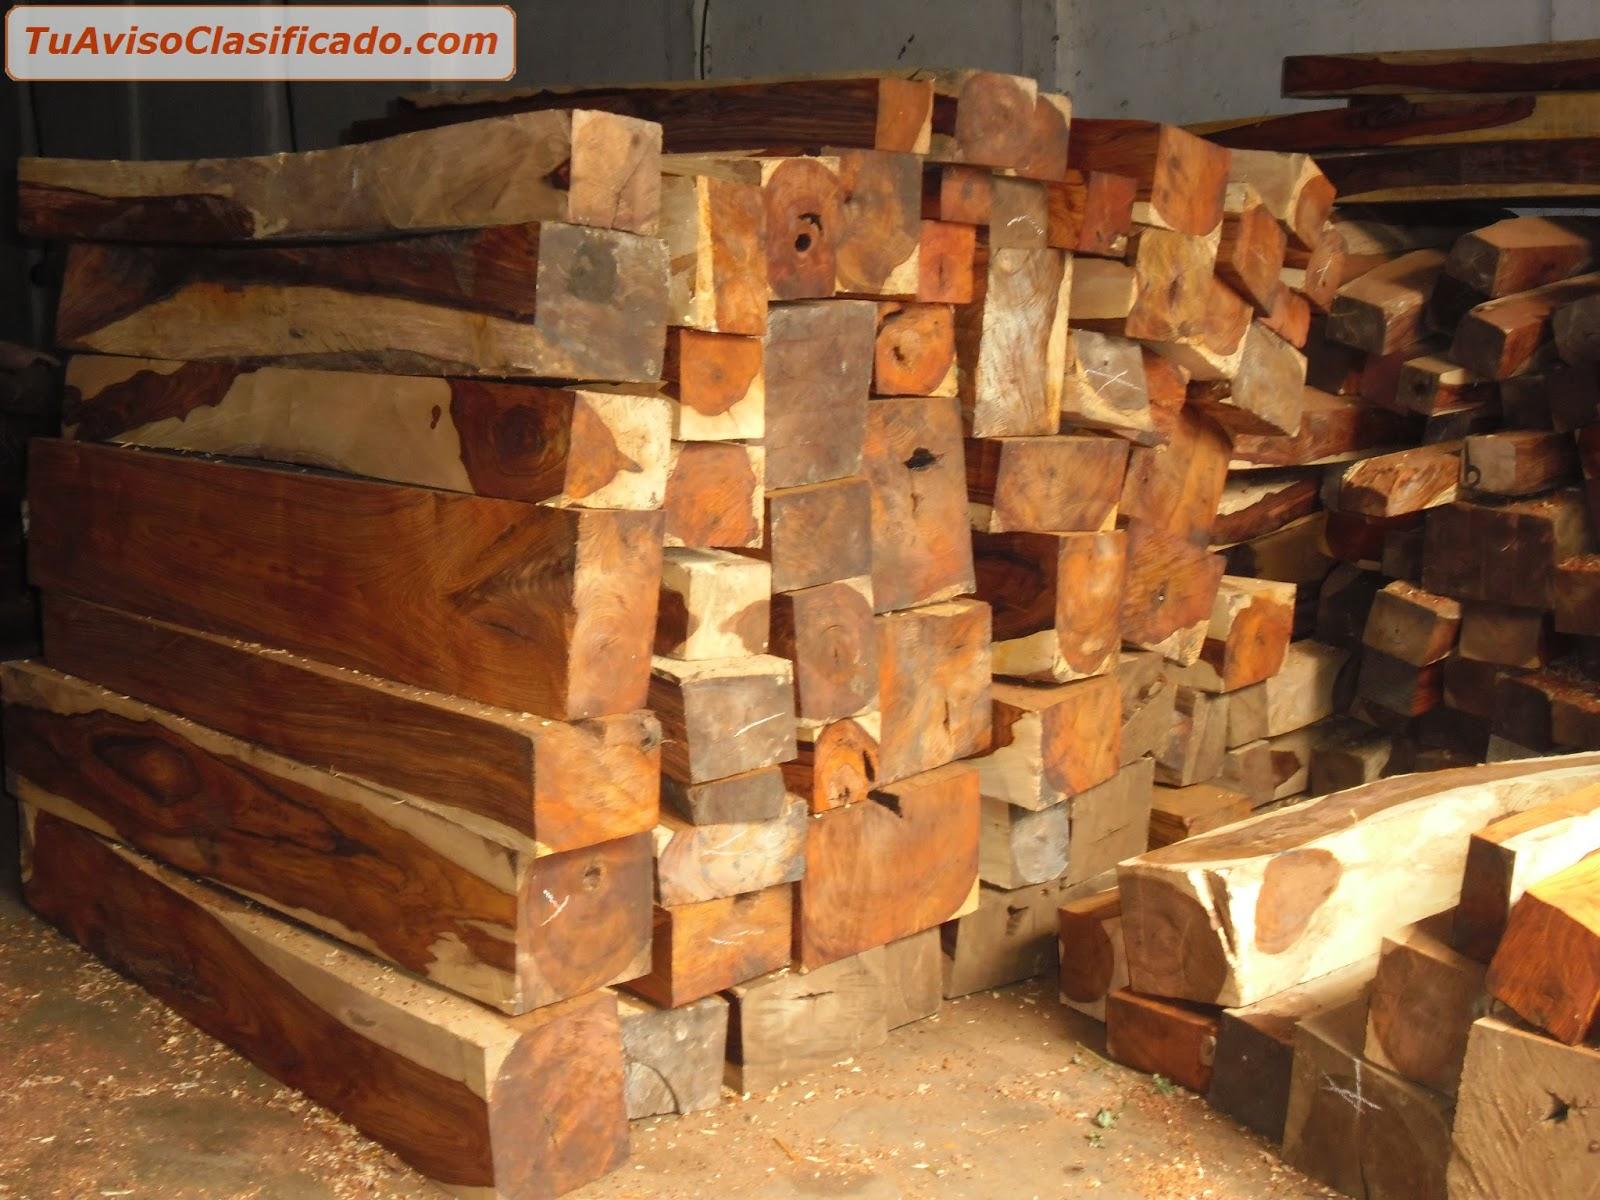 Control de Plagas en Sanidad Ambiental Ms madera